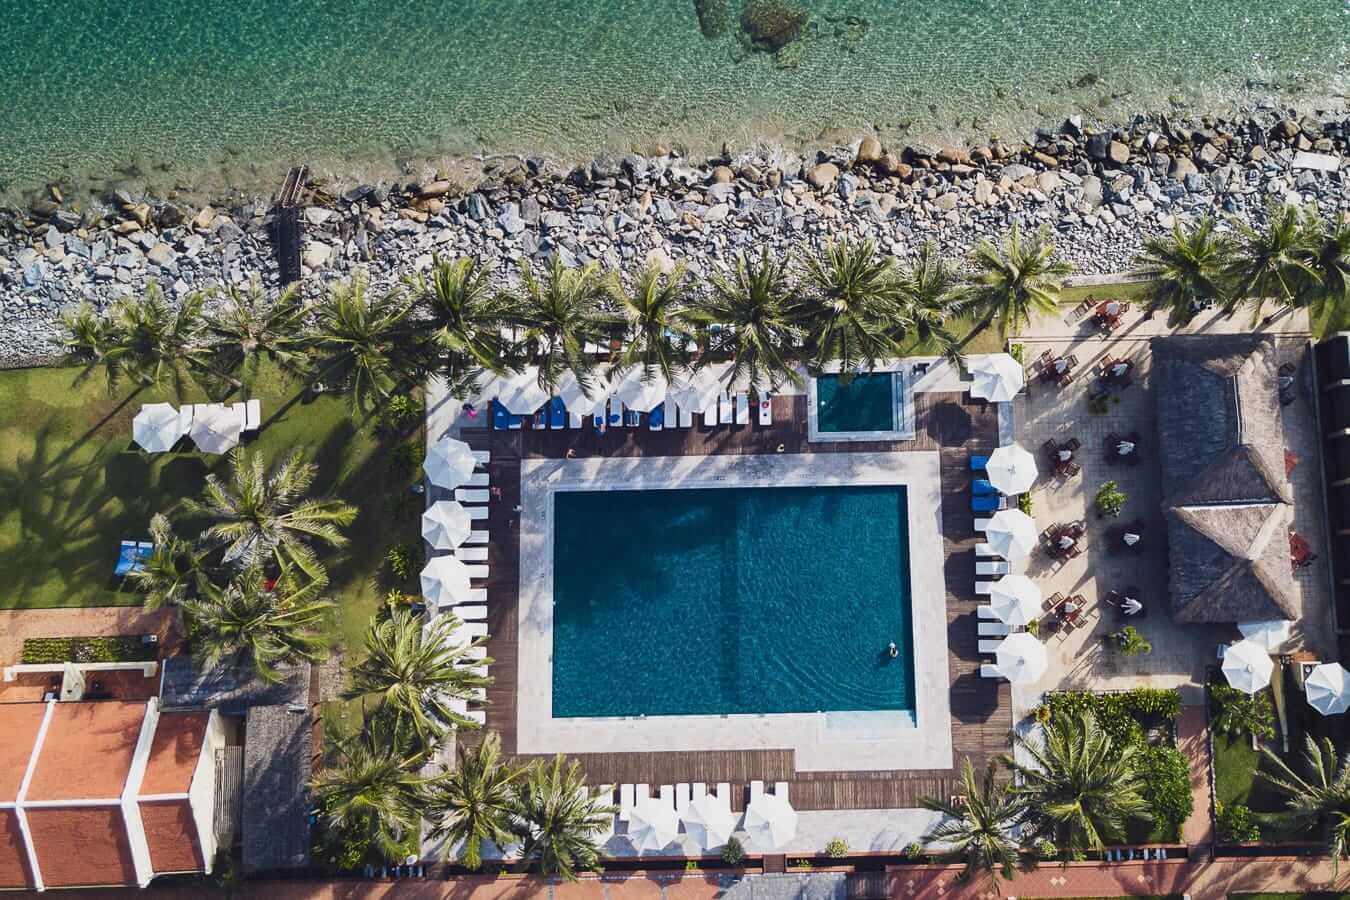 Victoria Hoi An Beach Resort and Spa: Hoi An's beaches